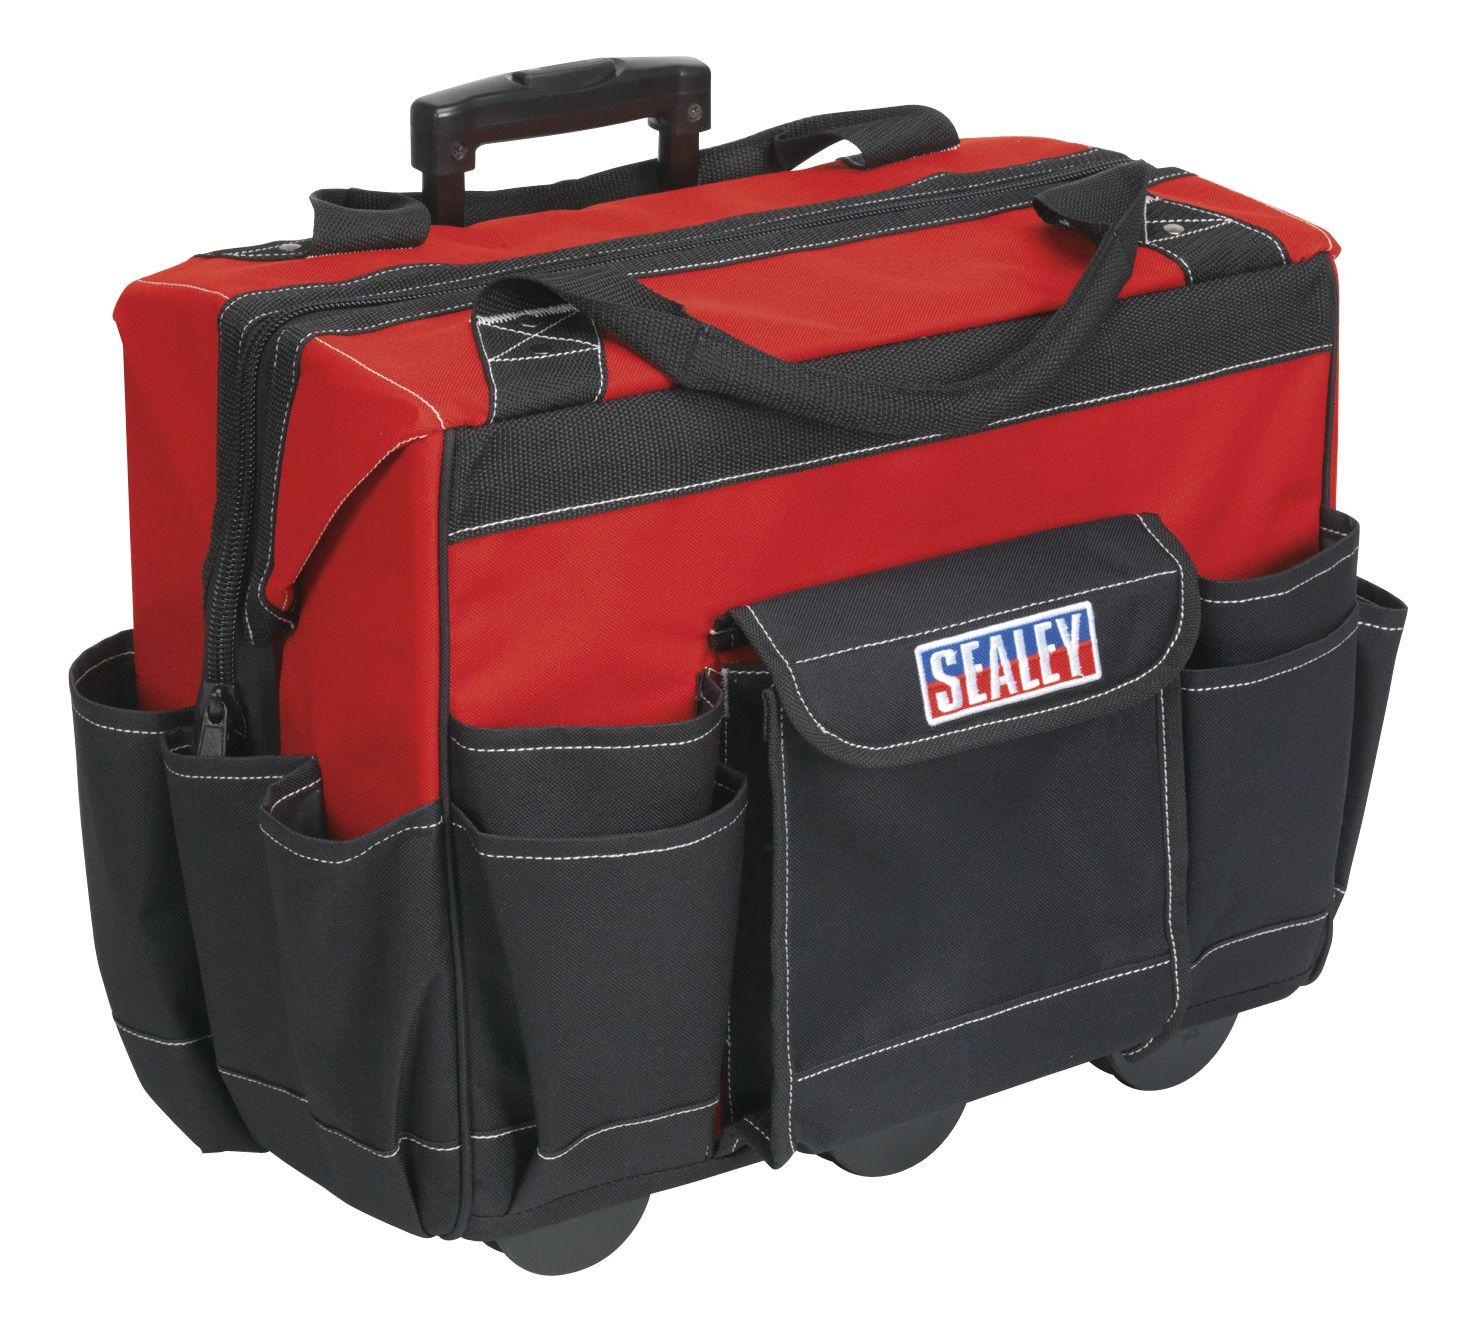 Sealey Tool Storage Bag on Wheels 450mm Heavy-Duty